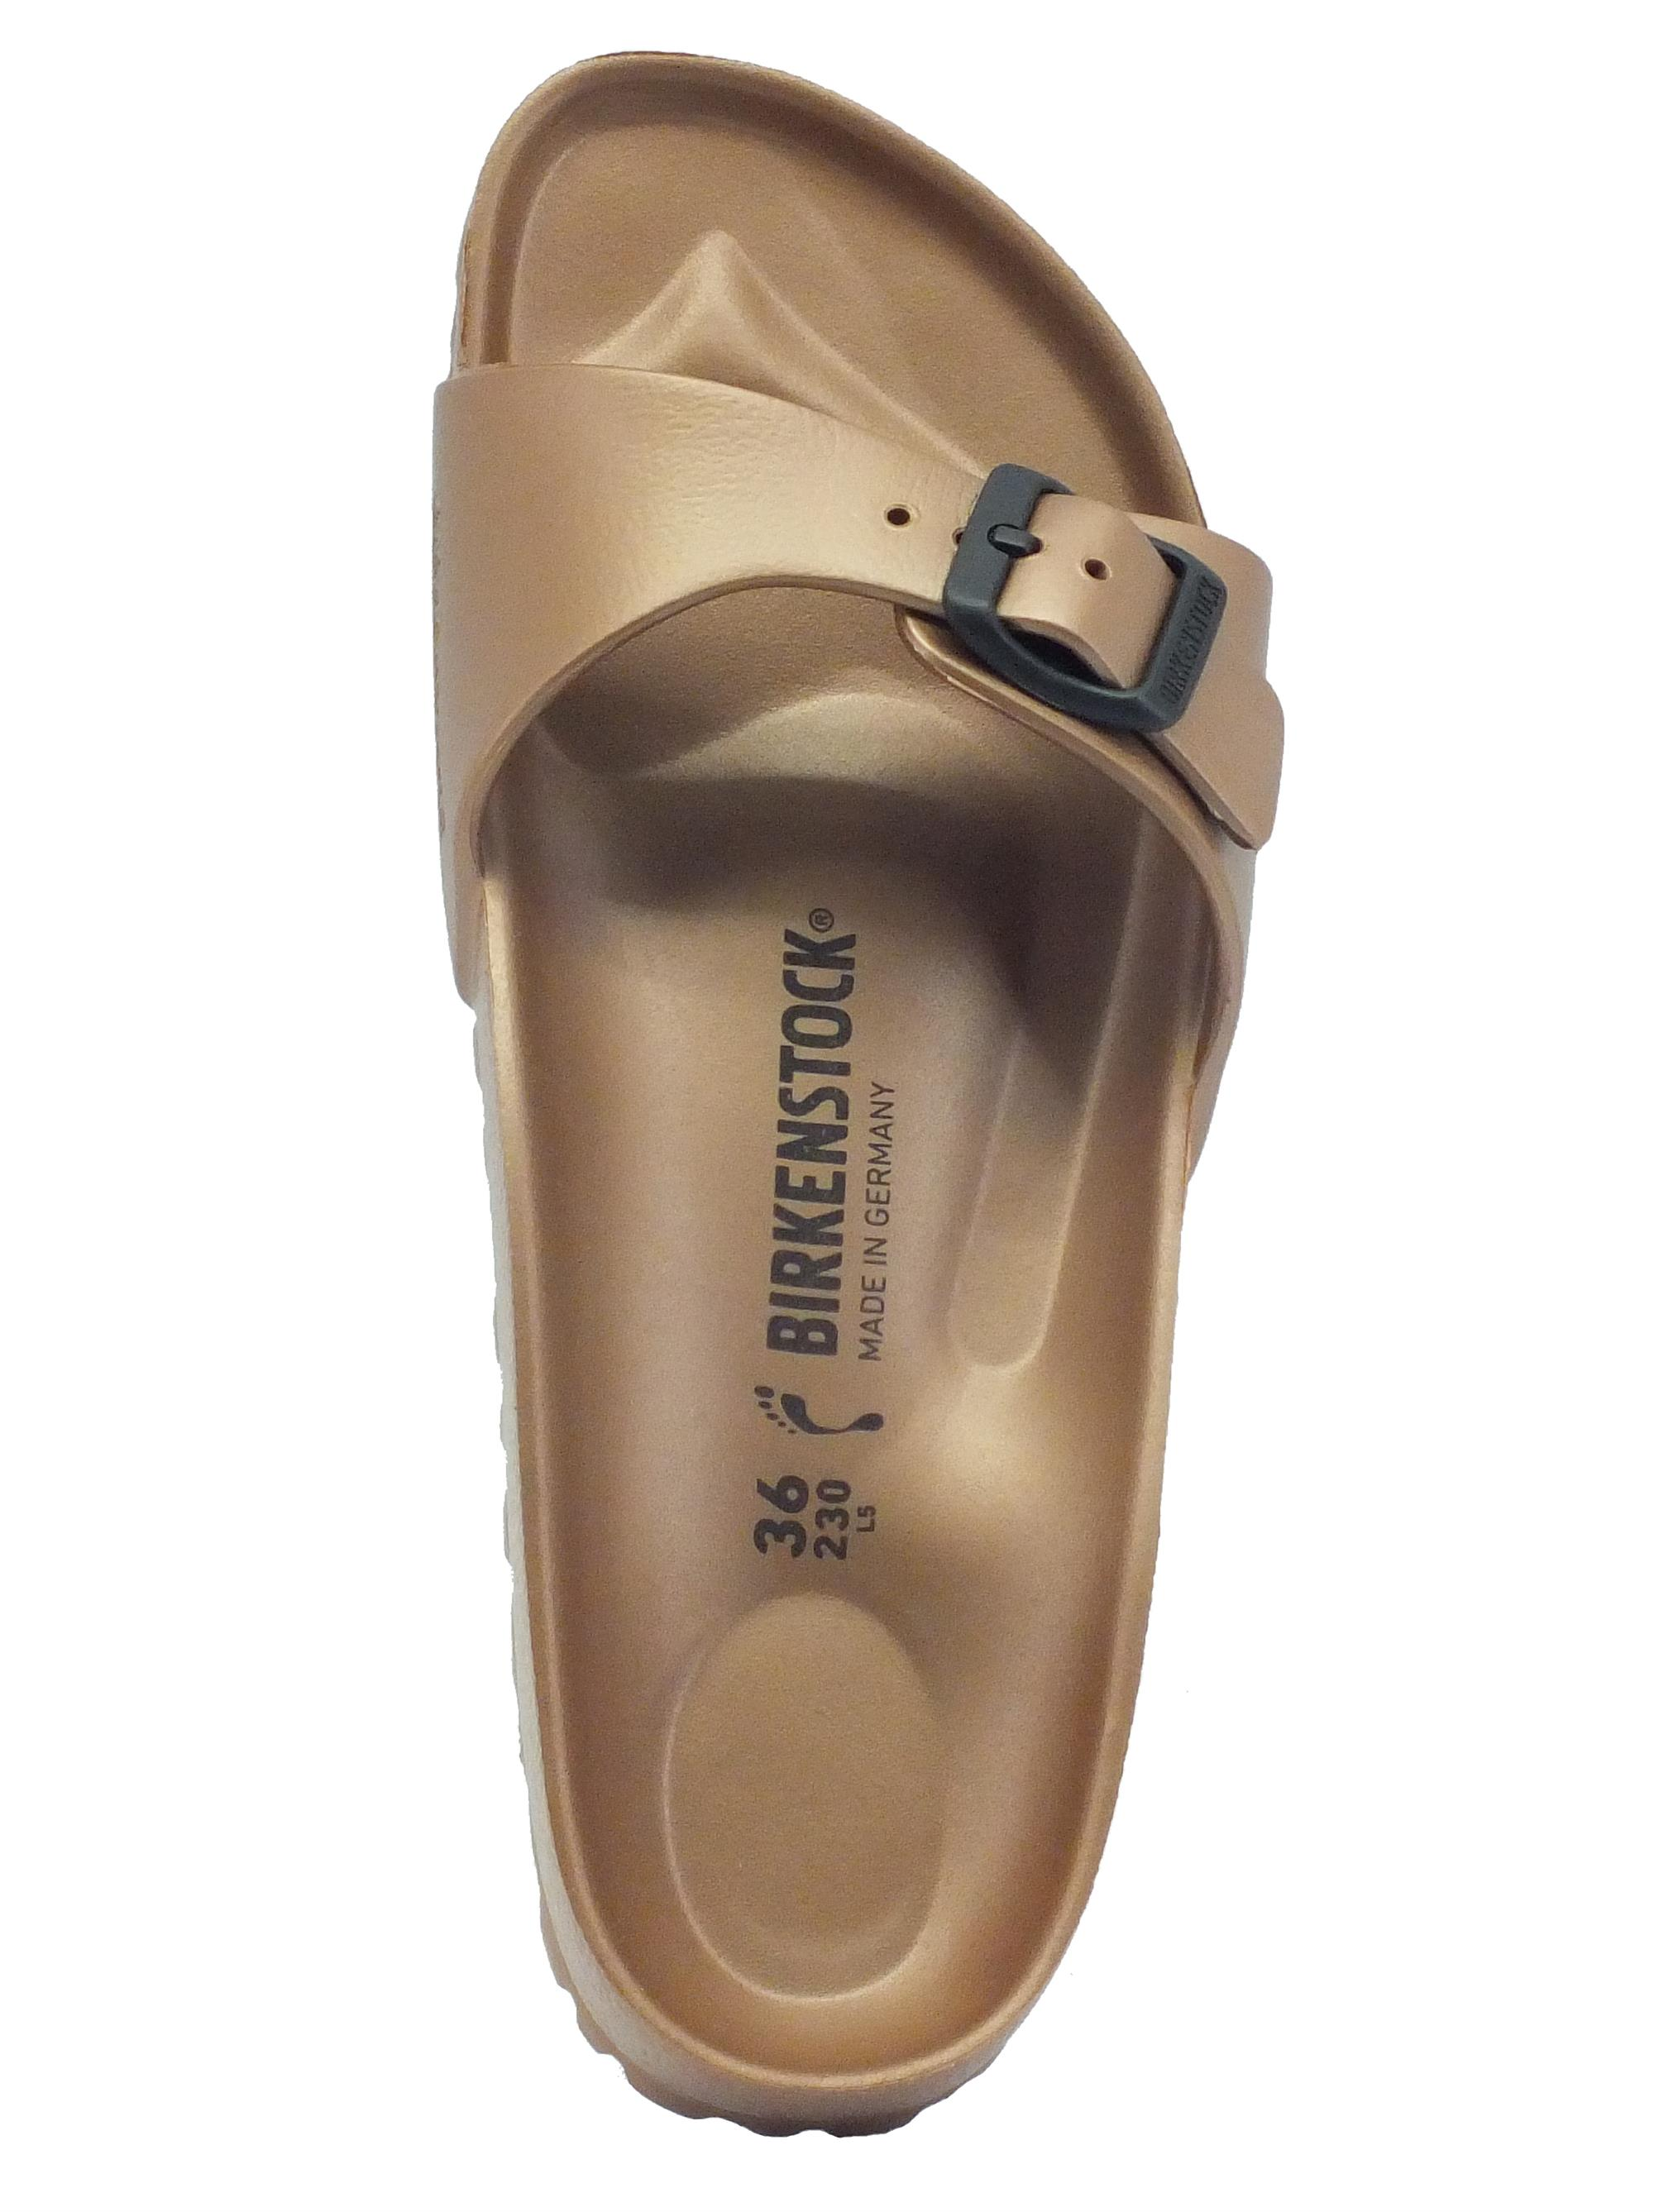 Ciabatte Birkenstock donna gomma bronzo fibbia regolabile - Vitiello ... c0dcd34b5d5